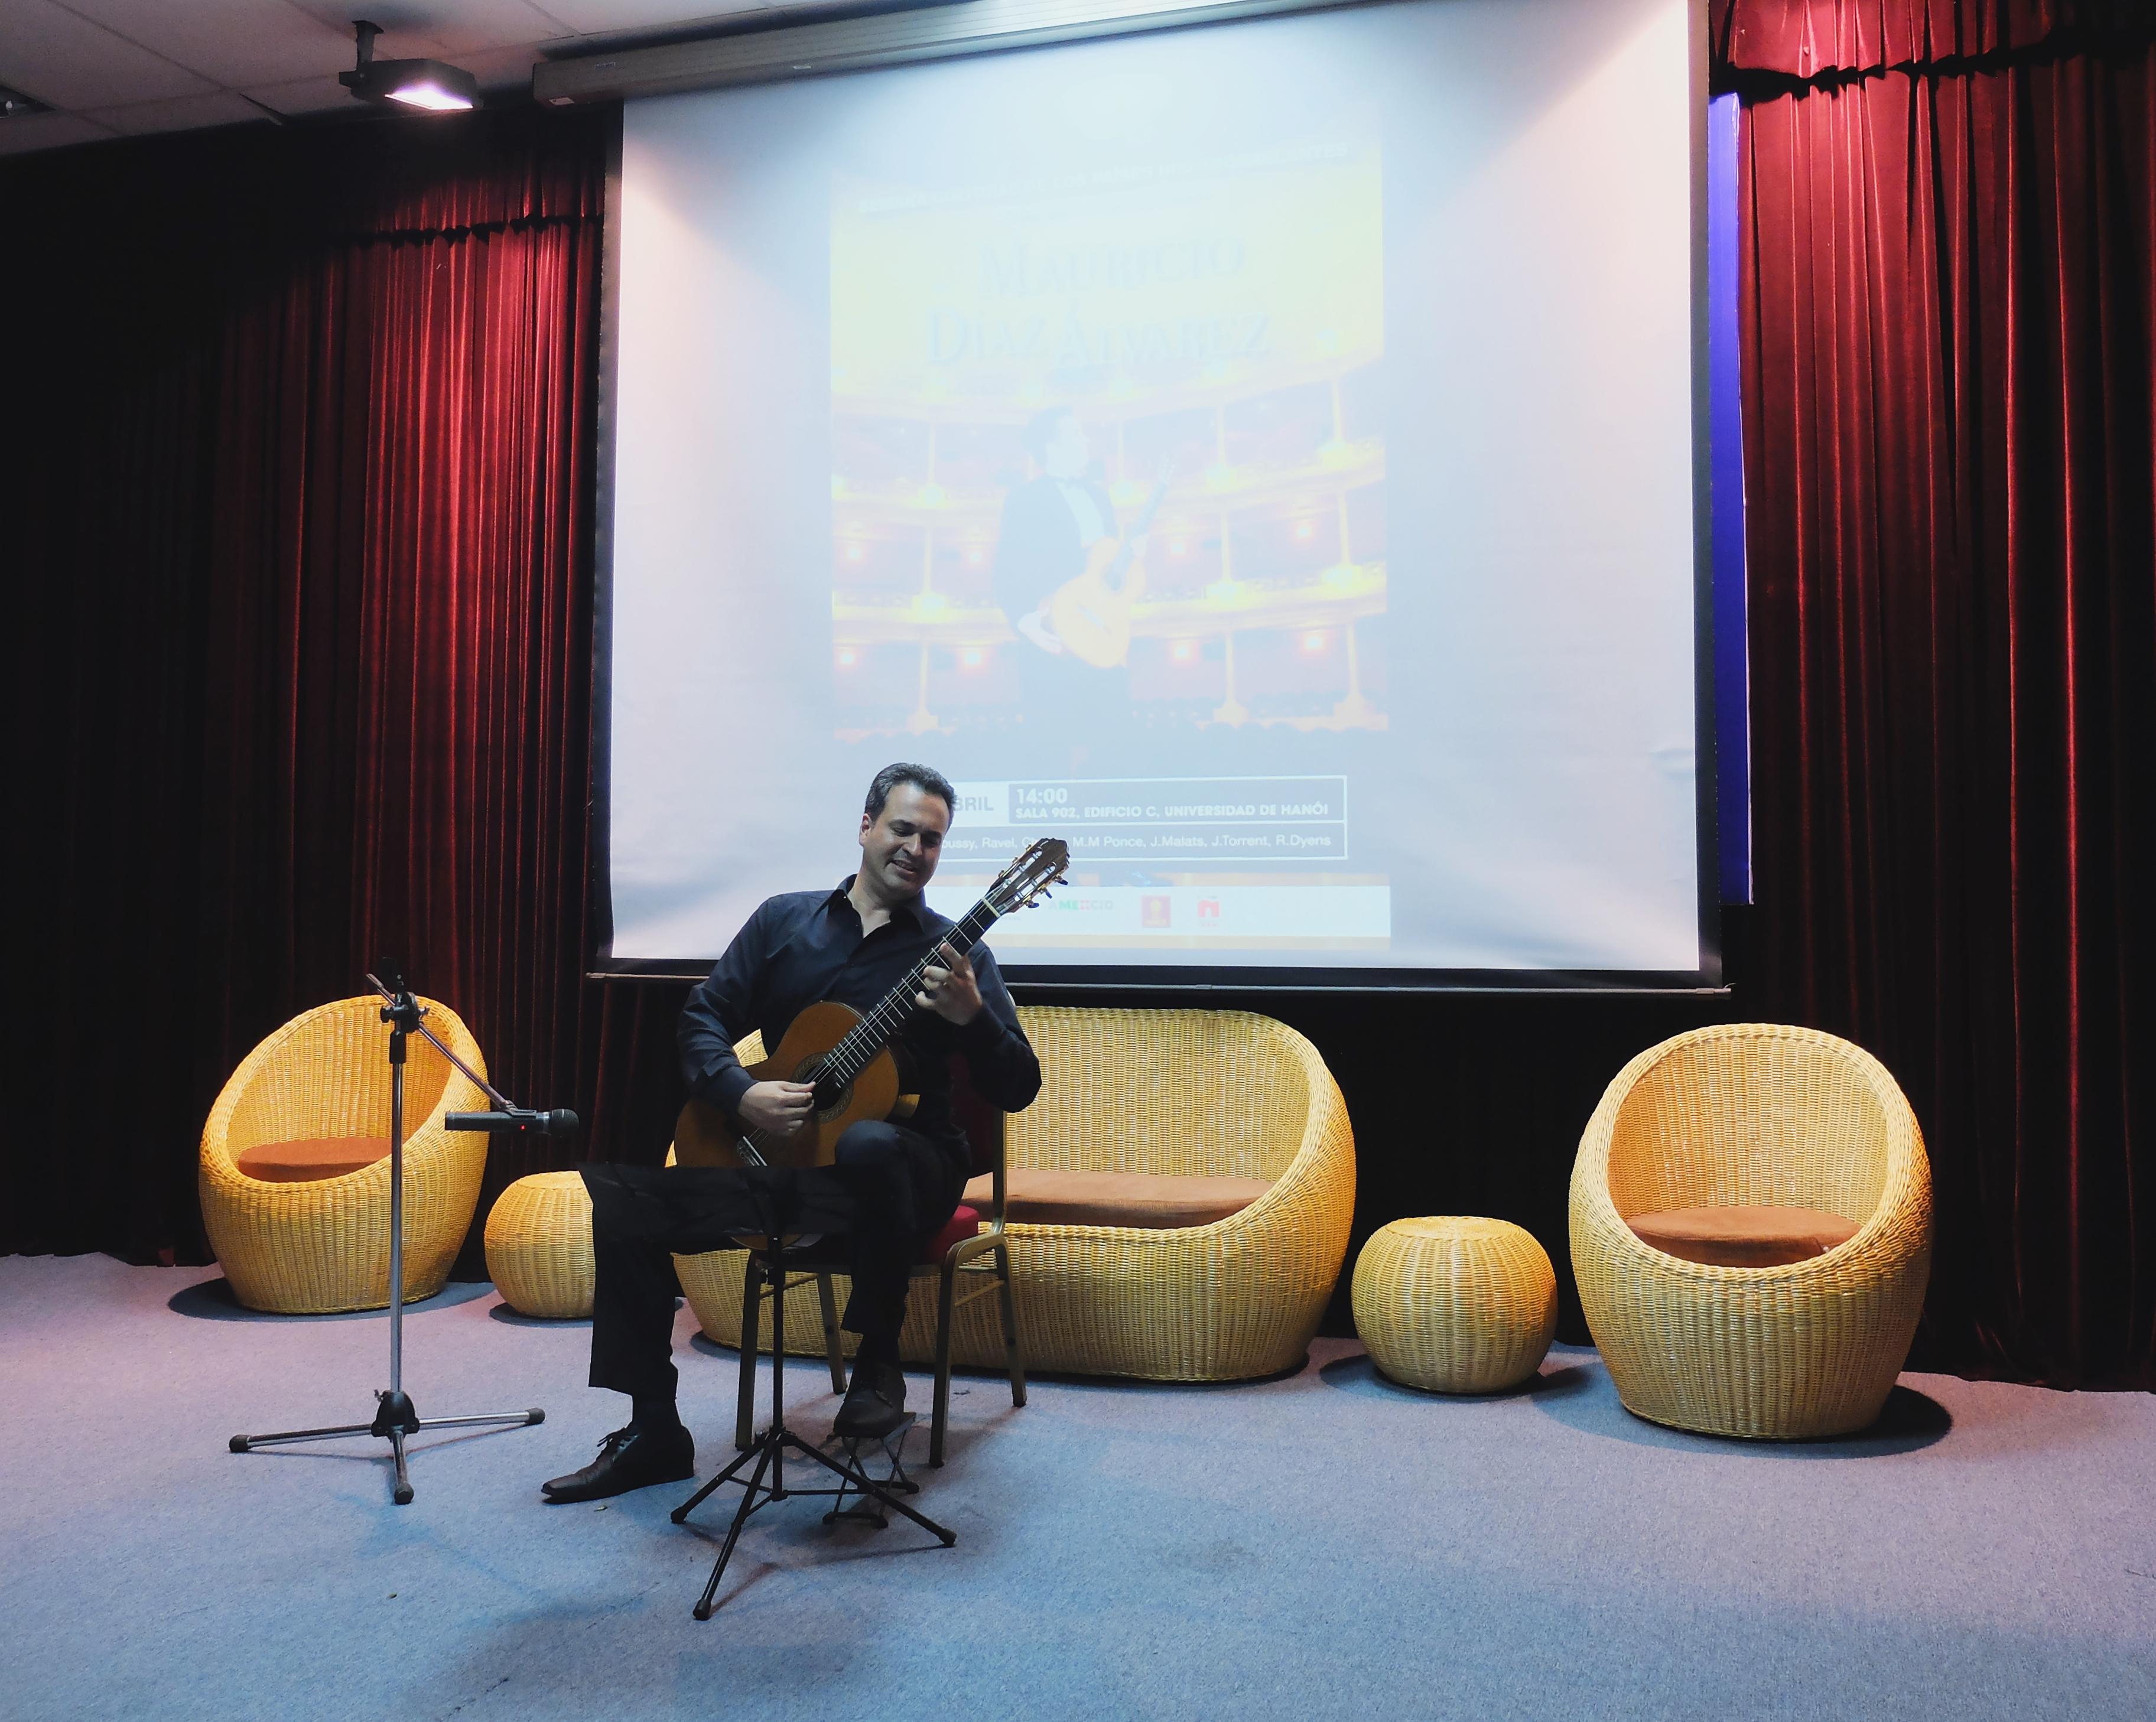 guitarrista mexicano actua en la semana cultural de los paises hispanohablantes en hanoi hinh 0